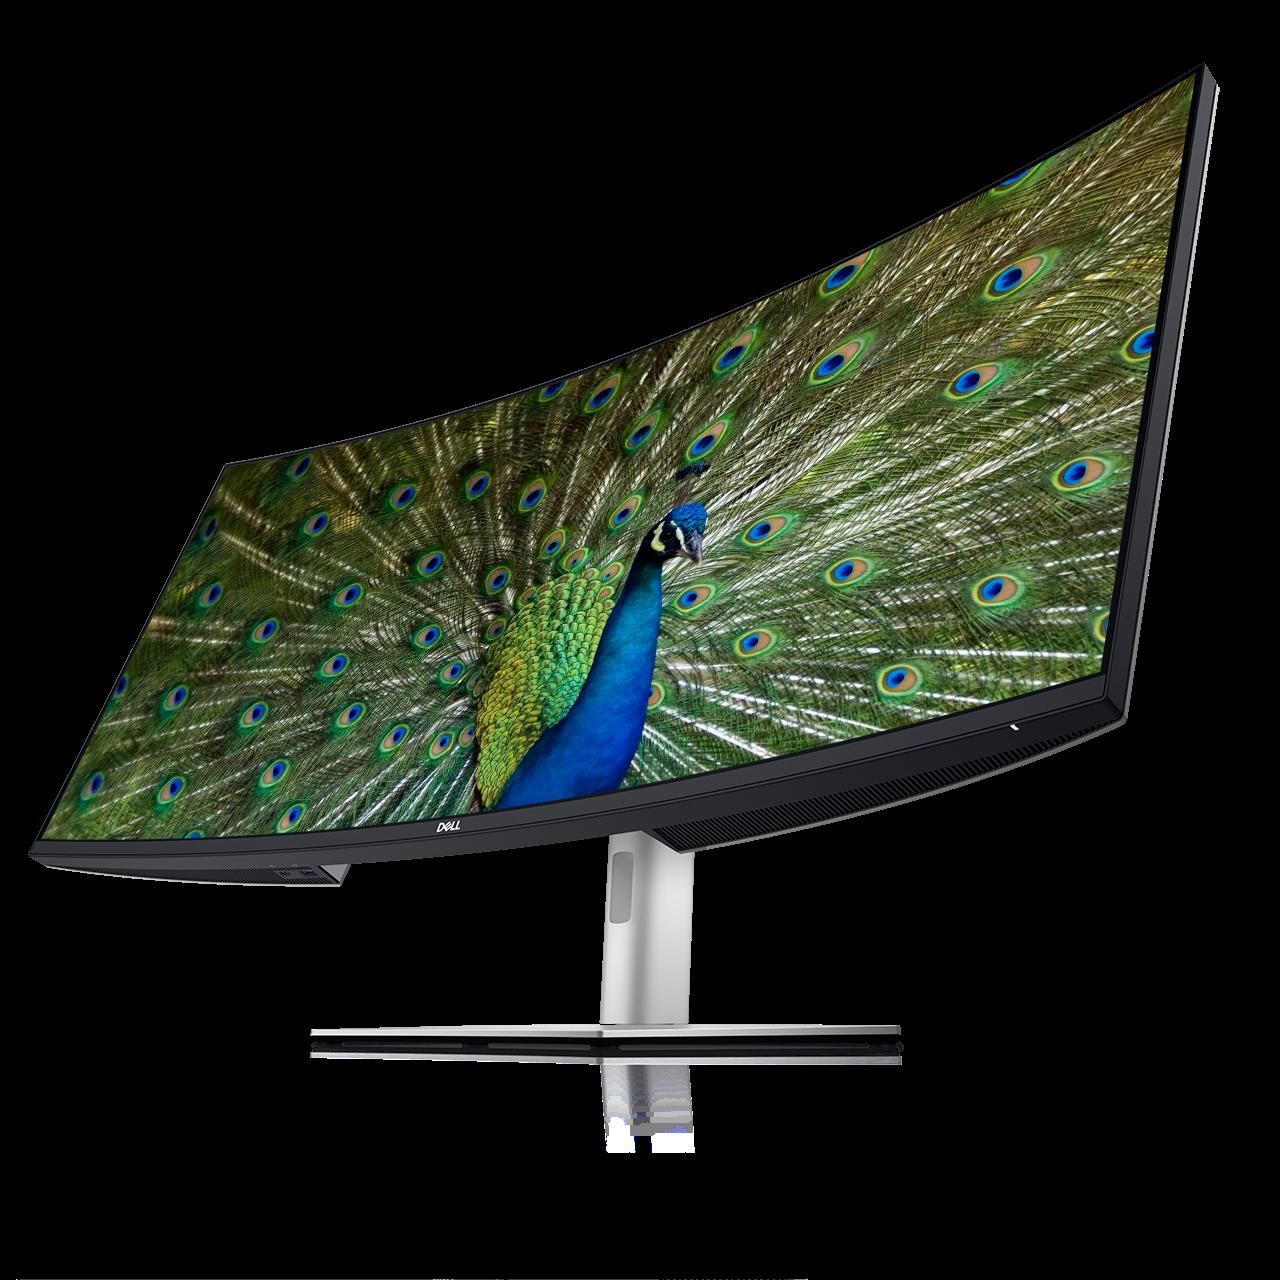 全球首款 40 吋 5K2K 顯示器 Dell UltraSharp 40 WUHD 推出!在家工作視野更廣